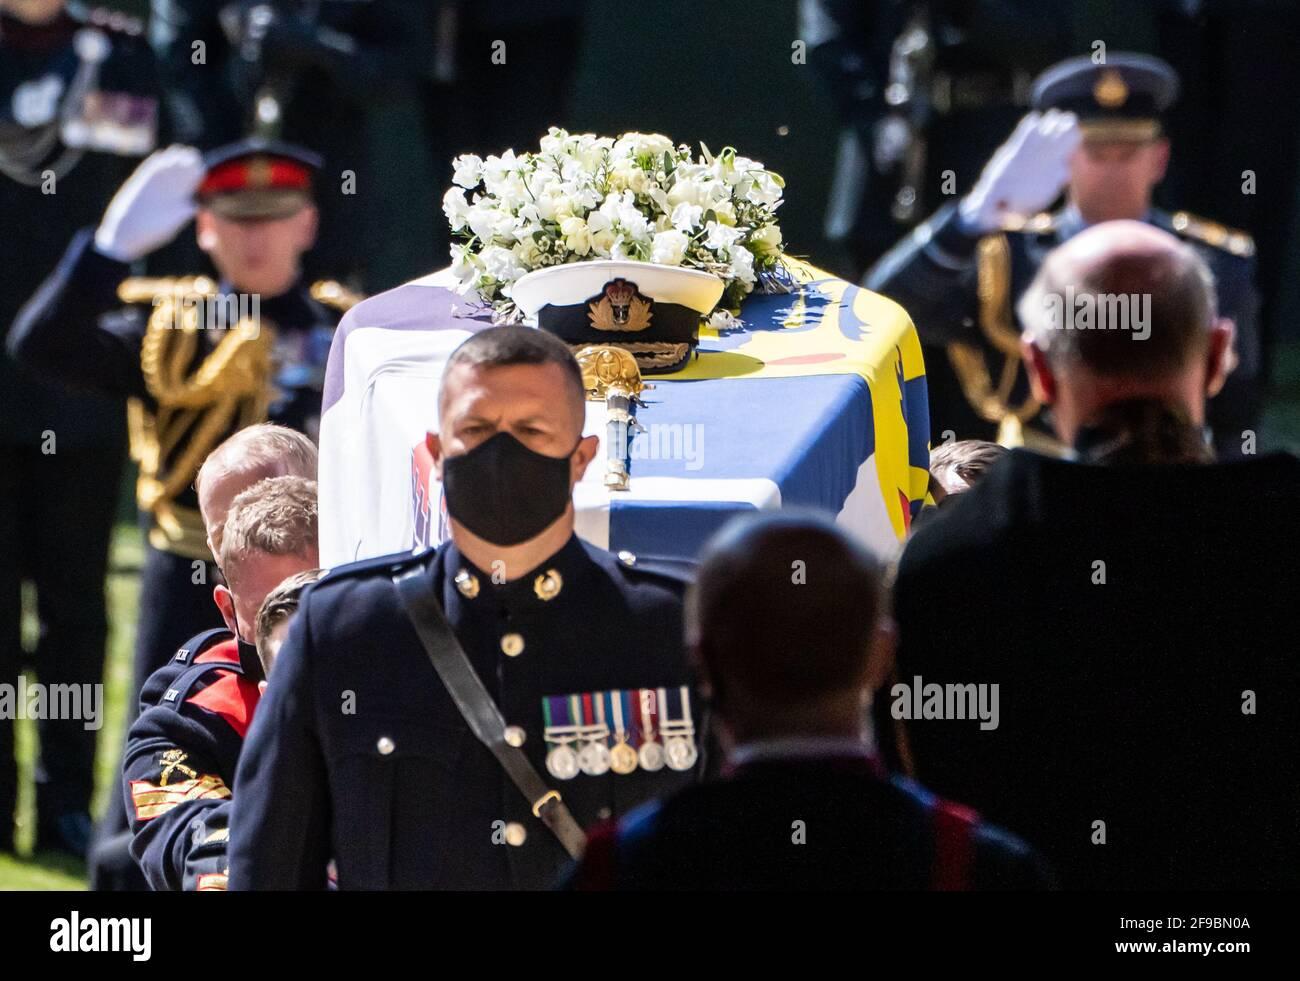 I portacolori che trasportano la bara nella Cappella durante i funerali del Duca di Edimburgo nella Cappella di San Giorgio, Castello di Windsor, Berkshire. Data immagine: Sabato 17 aprile 2021. Foto Stock